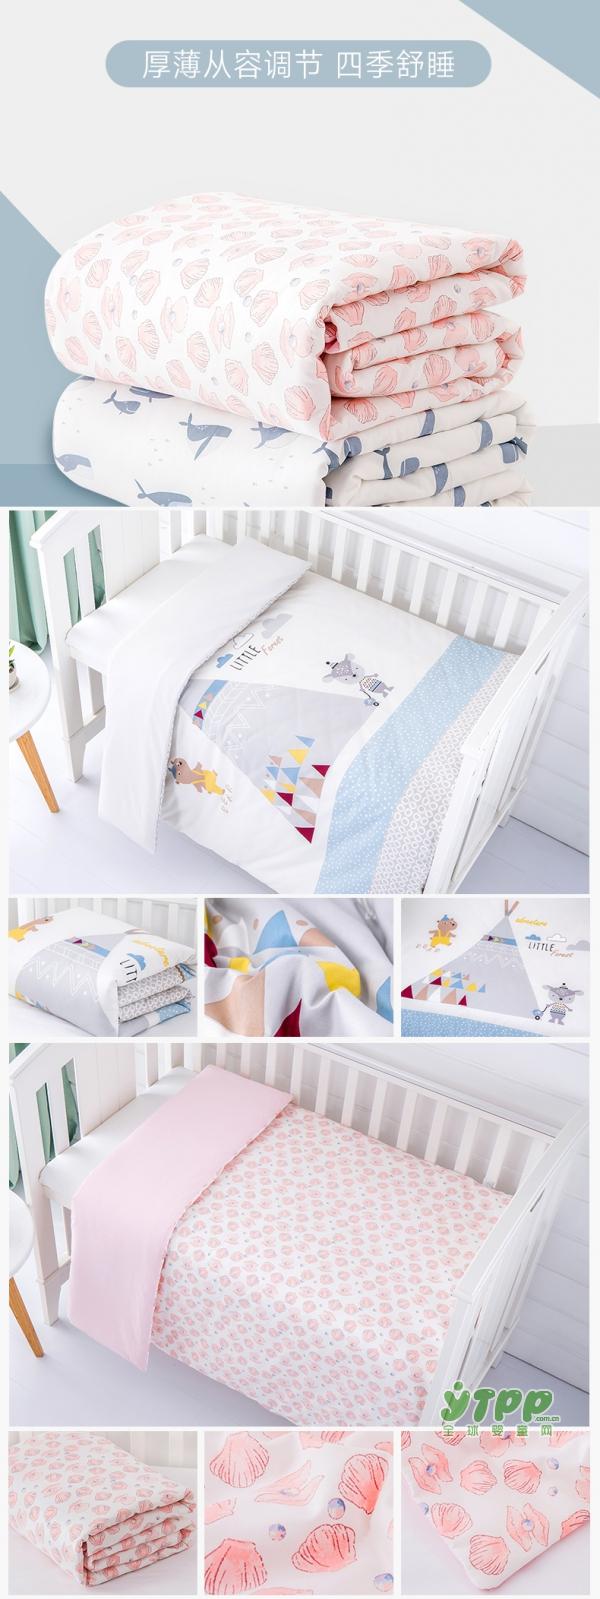 gb好孩子婴儿幼儿园春秋冬棉被   为宝宝提供舒适的睡眠